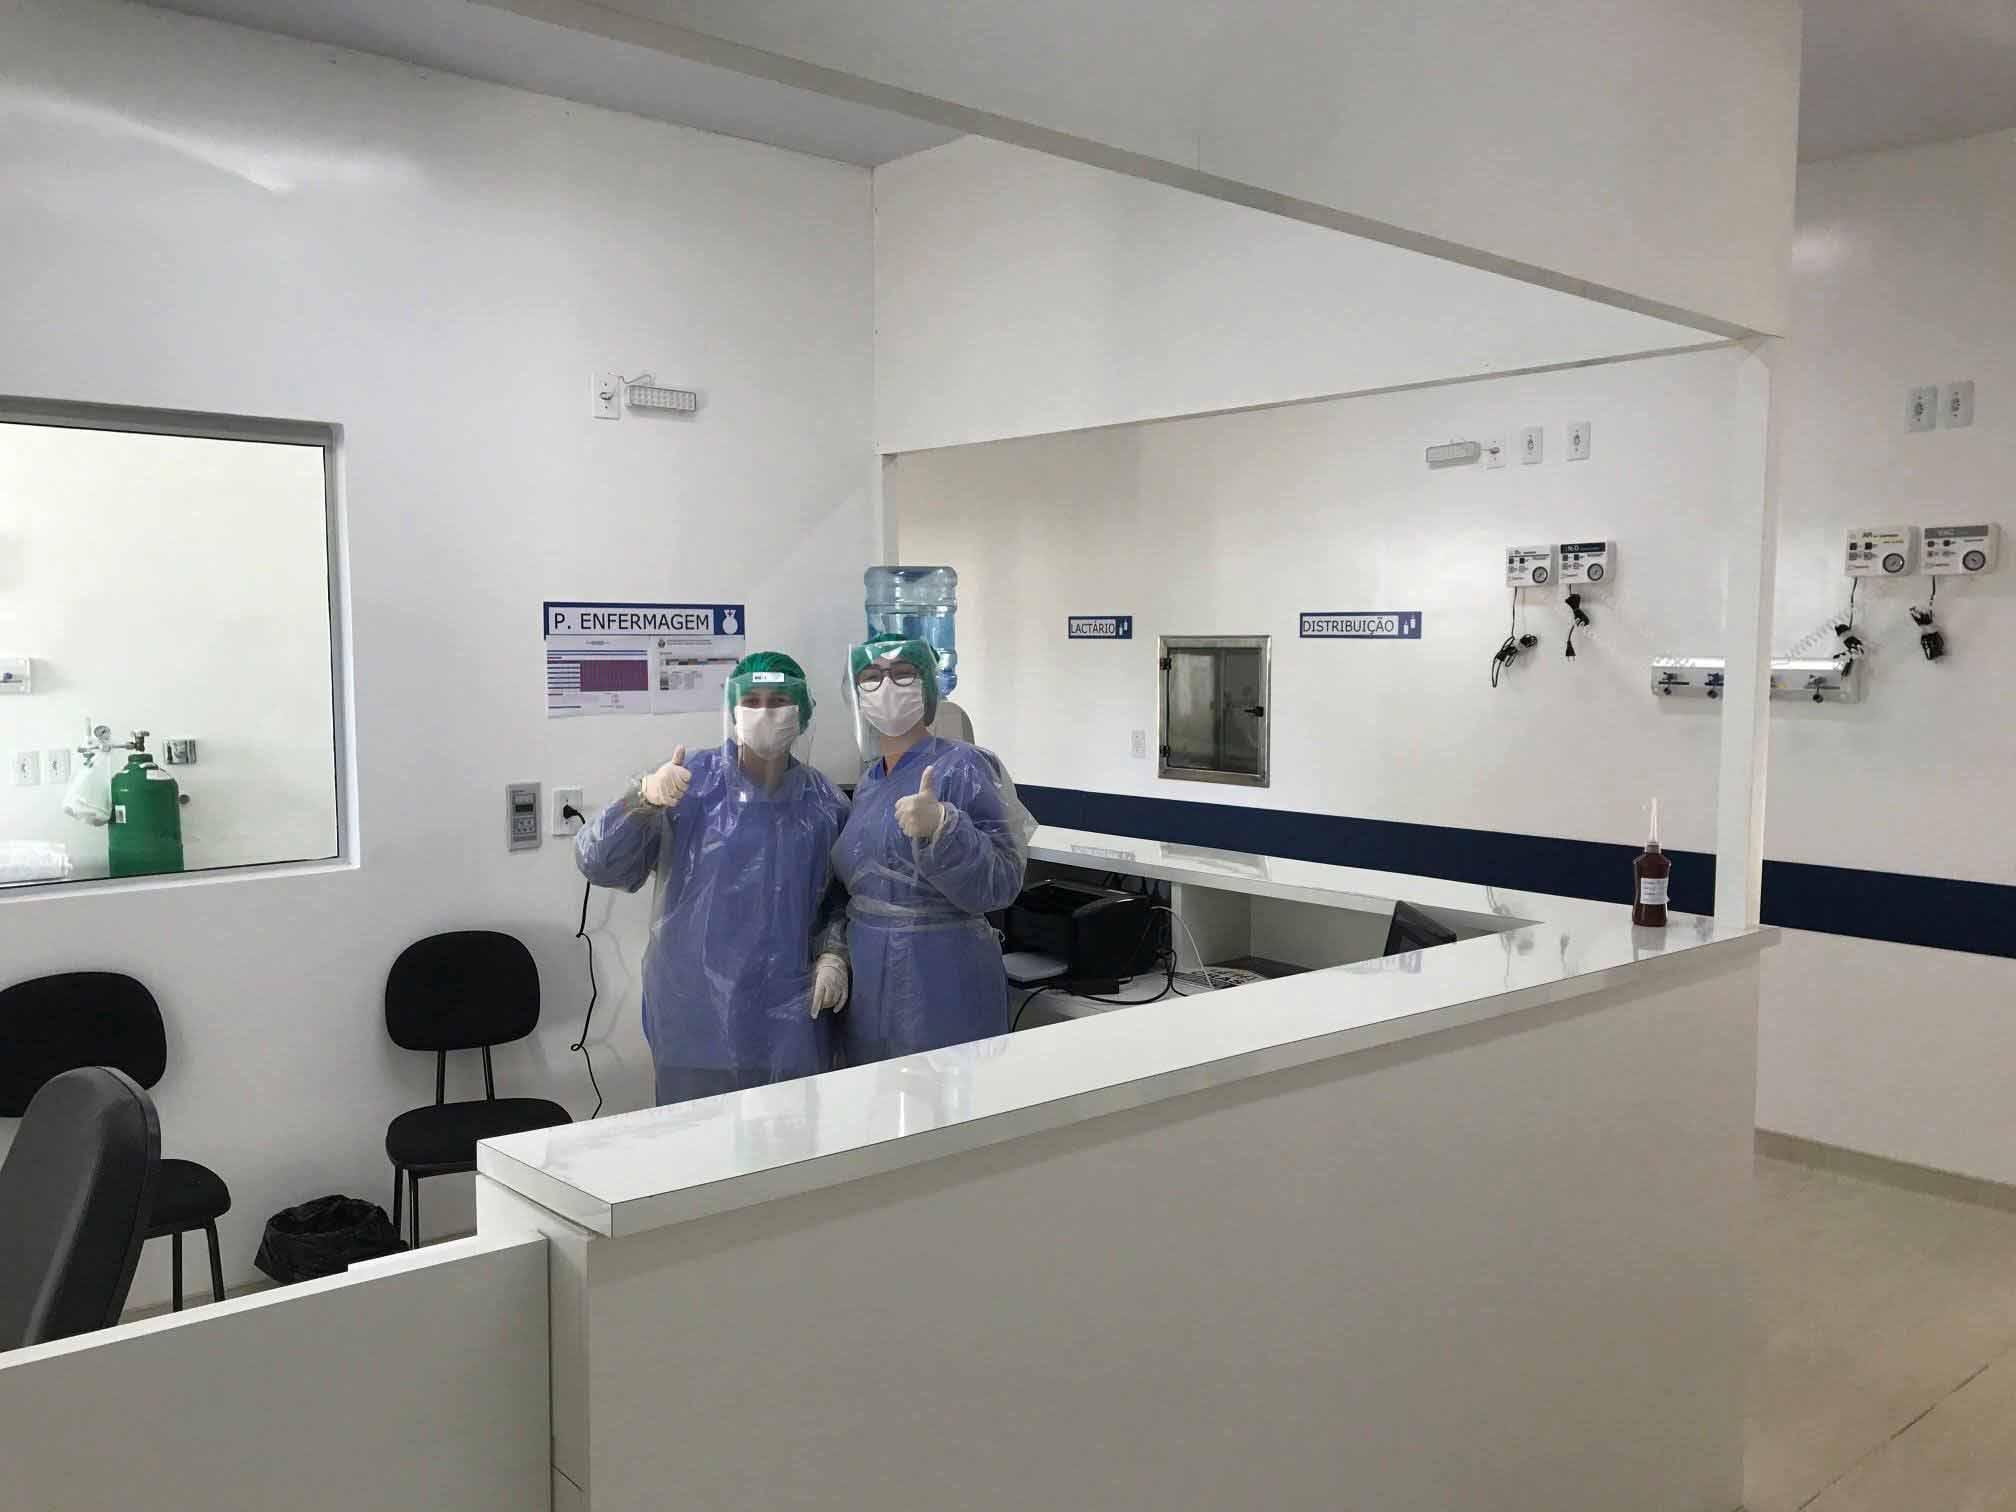 recepcionistas hospital usando epis